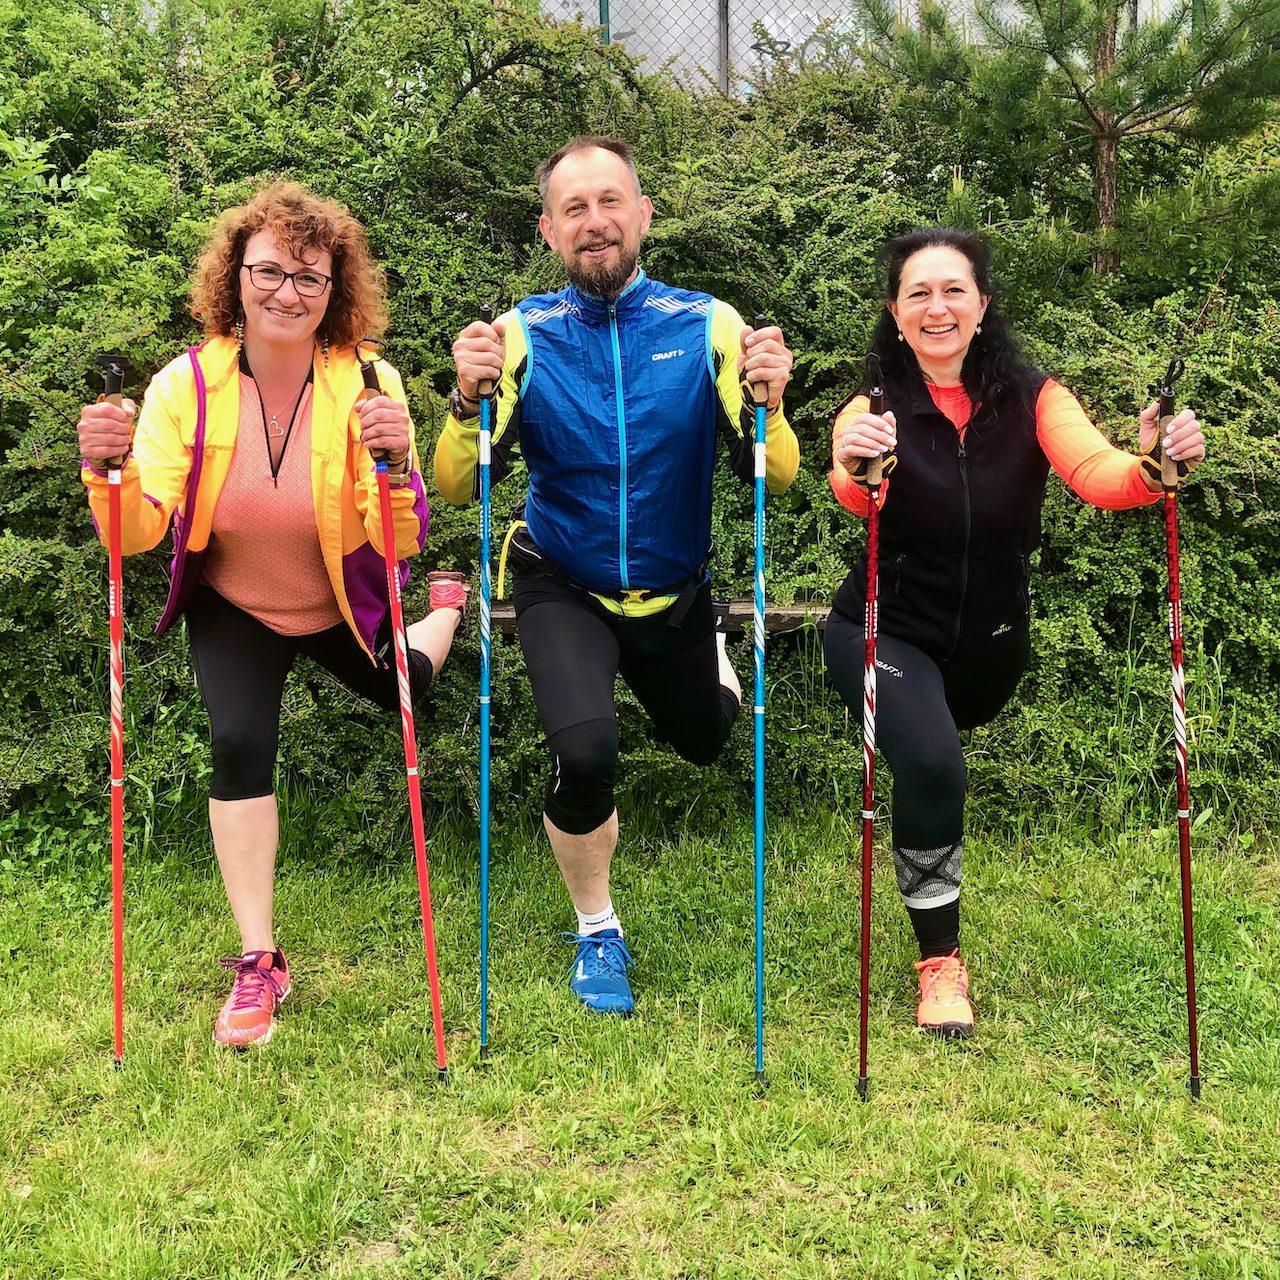 IK 2021, Instruktor kondiční chůze – Nordic walking, Brno 28.-30.5. 2021, 1. část